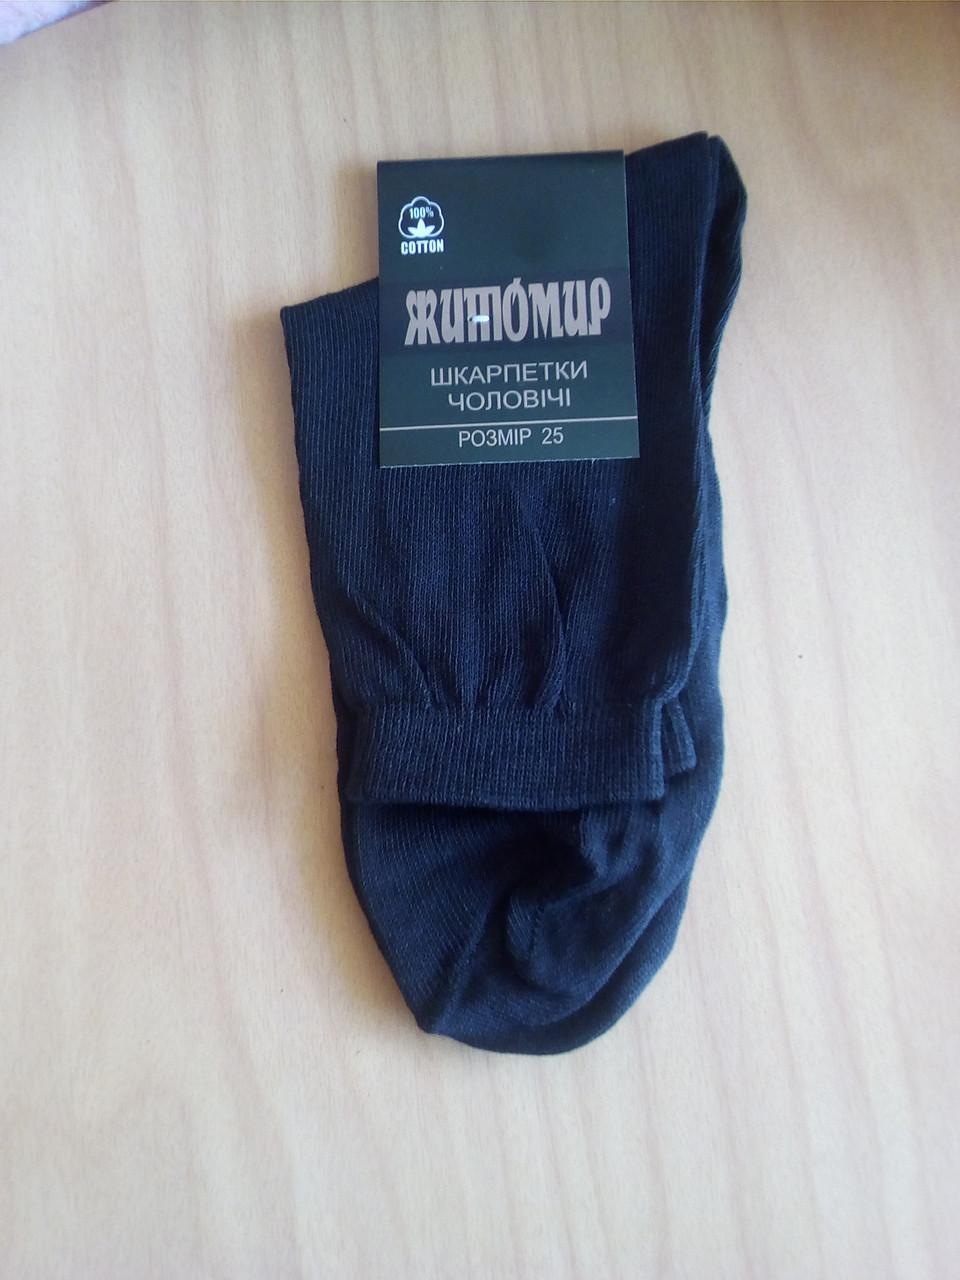 Носки мужские высокие 100% хлопок Житомир, 25  размер черные